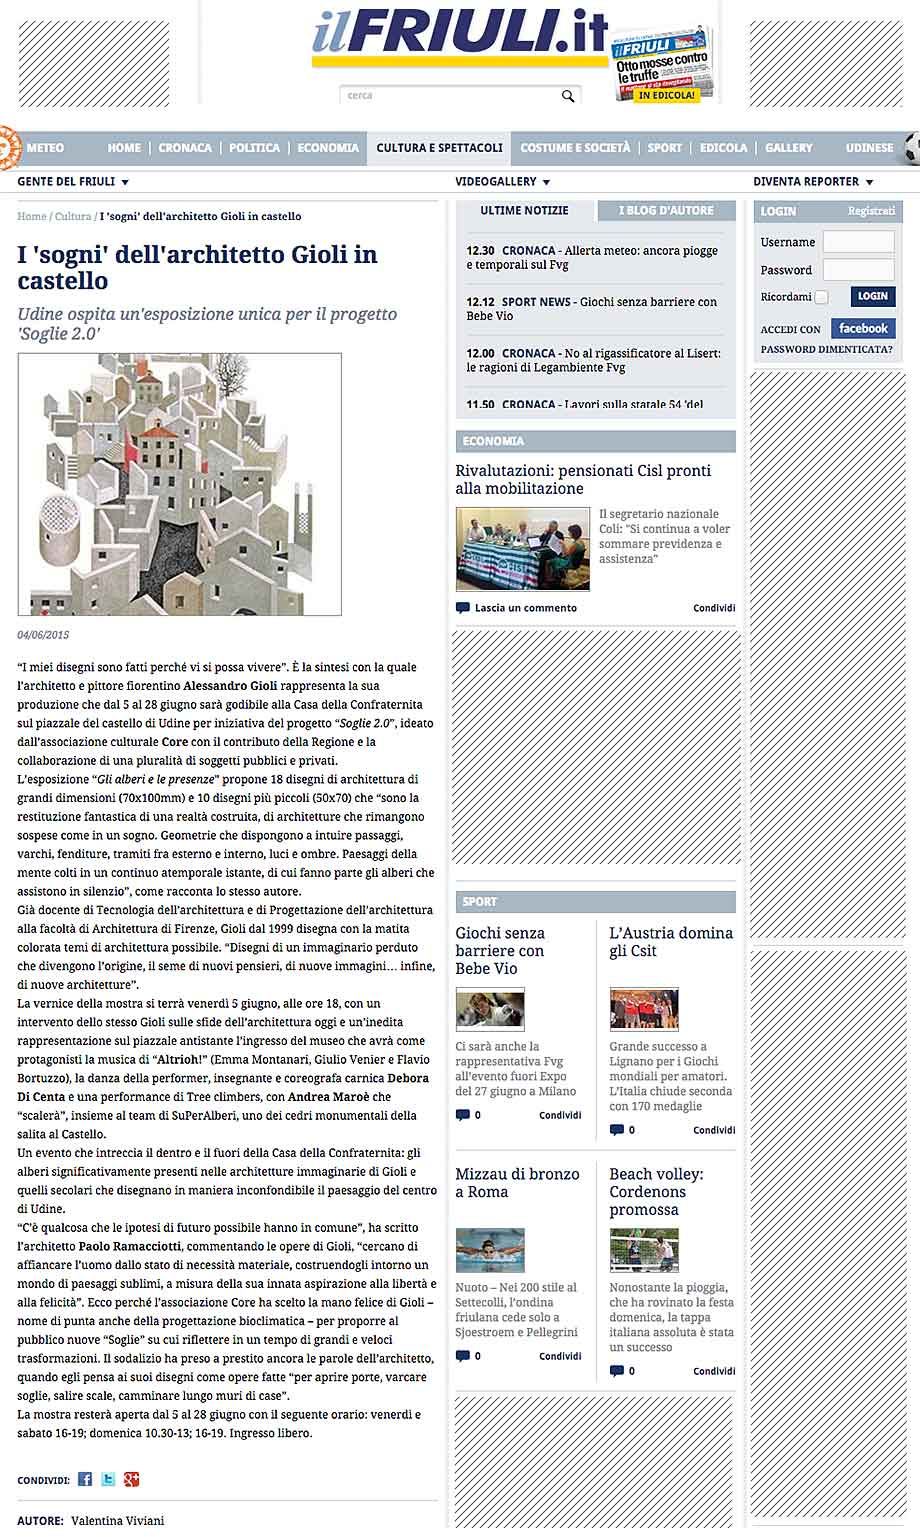 il Friuli: I 'sogni' dell'architetto Gioli in castello